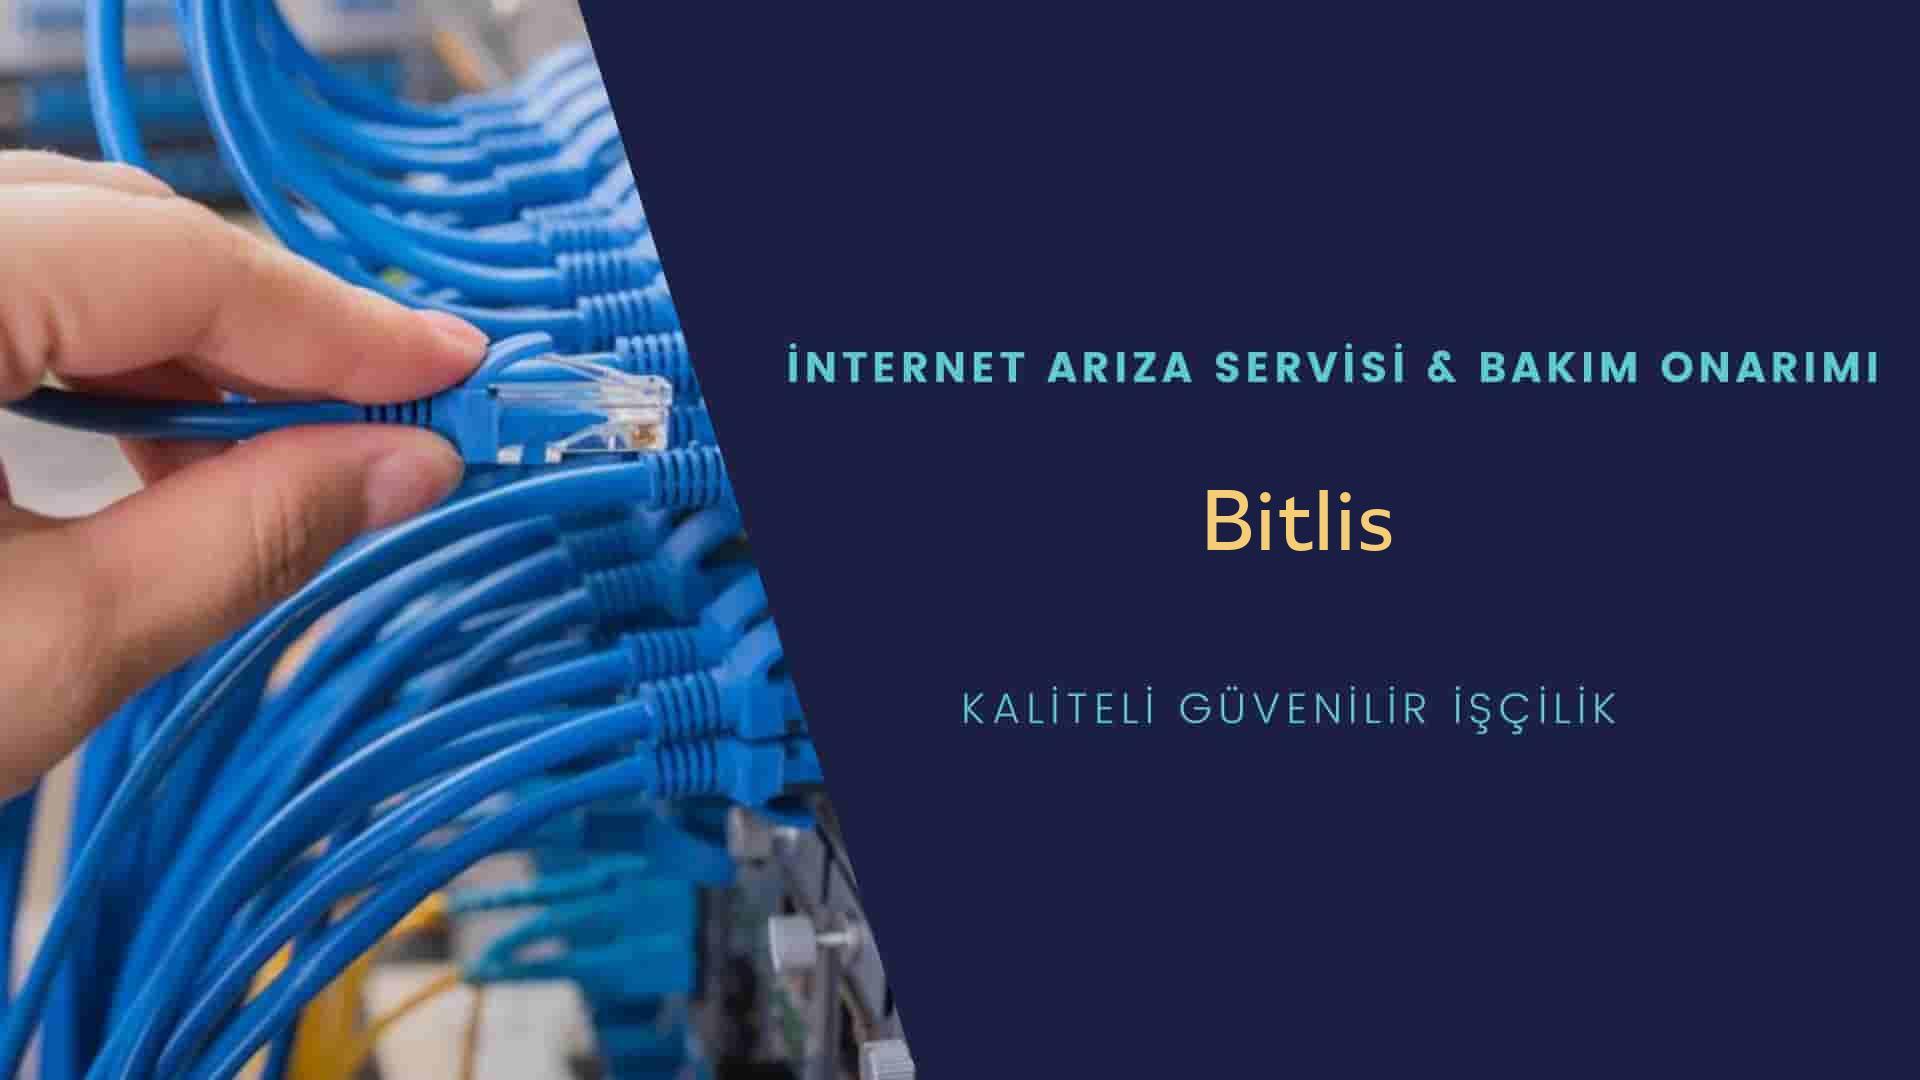 Bitlis internet kablosu çekimi yapan yerler veya elektrikçiler mi? arıyorsunuz doğru yerdesiniz o zaman sizlere 7/24 yardımcı olacak profesyonel ustalarımız bir telefon kadar yakındır size.